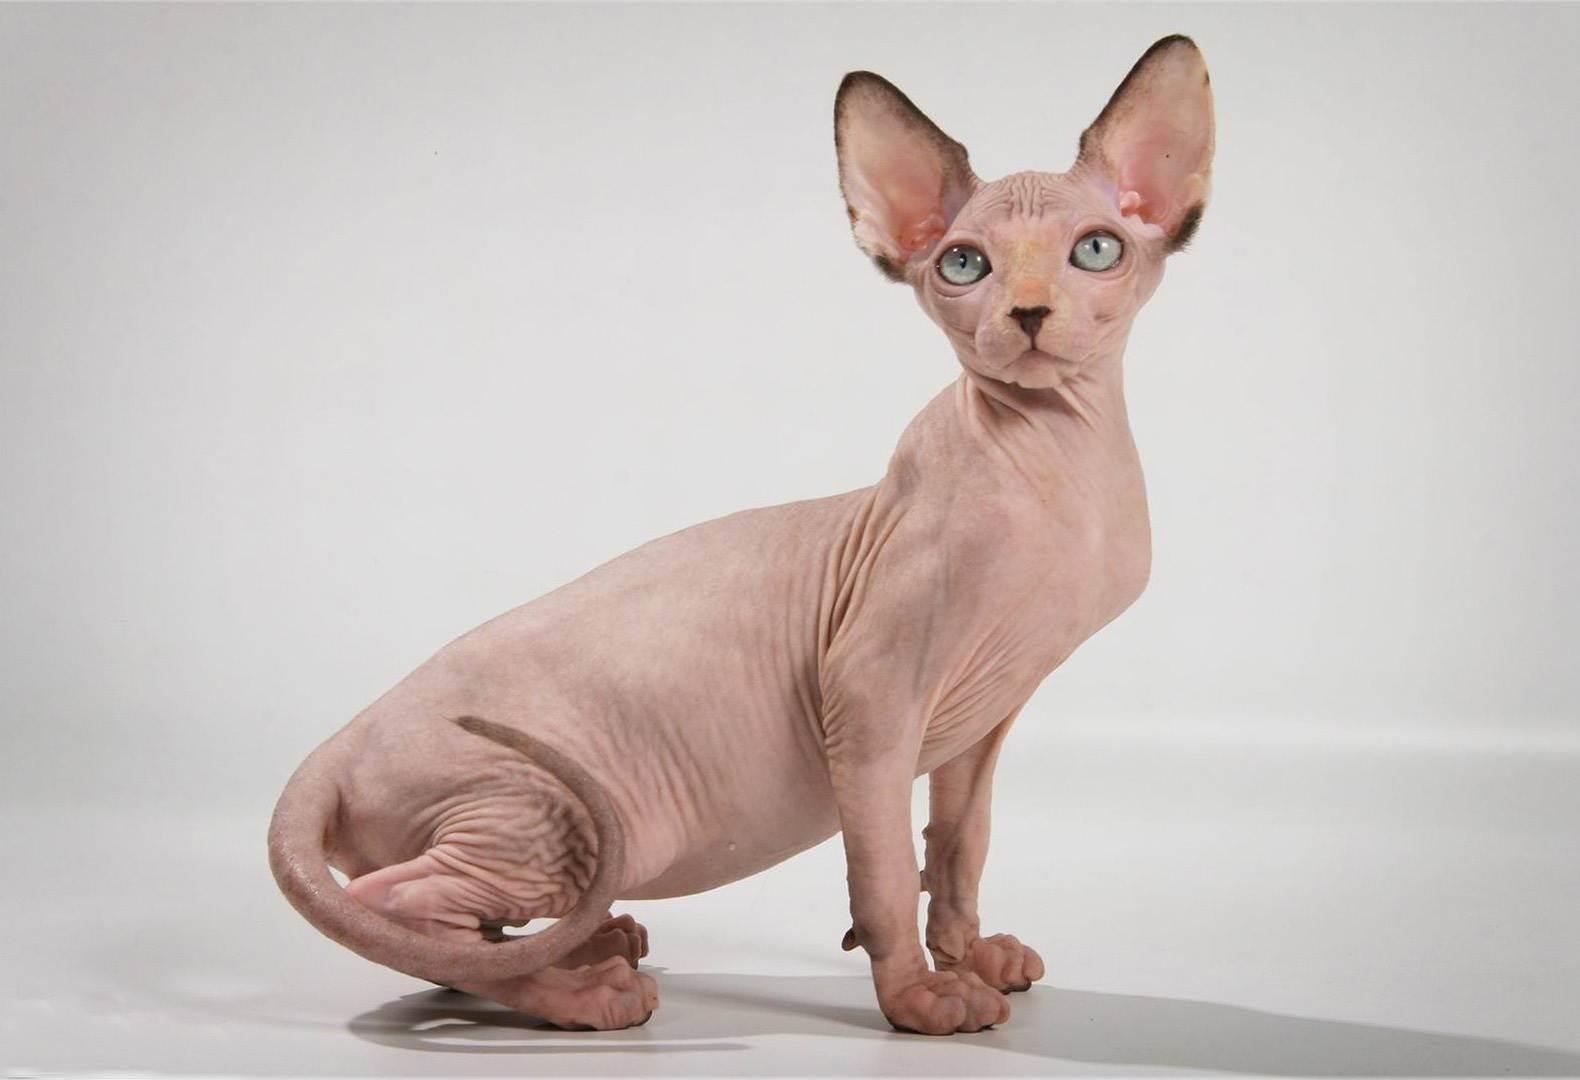 Лысые кошки: названия пород животных без шерсти, особенности содержания бесшерстных питомцев